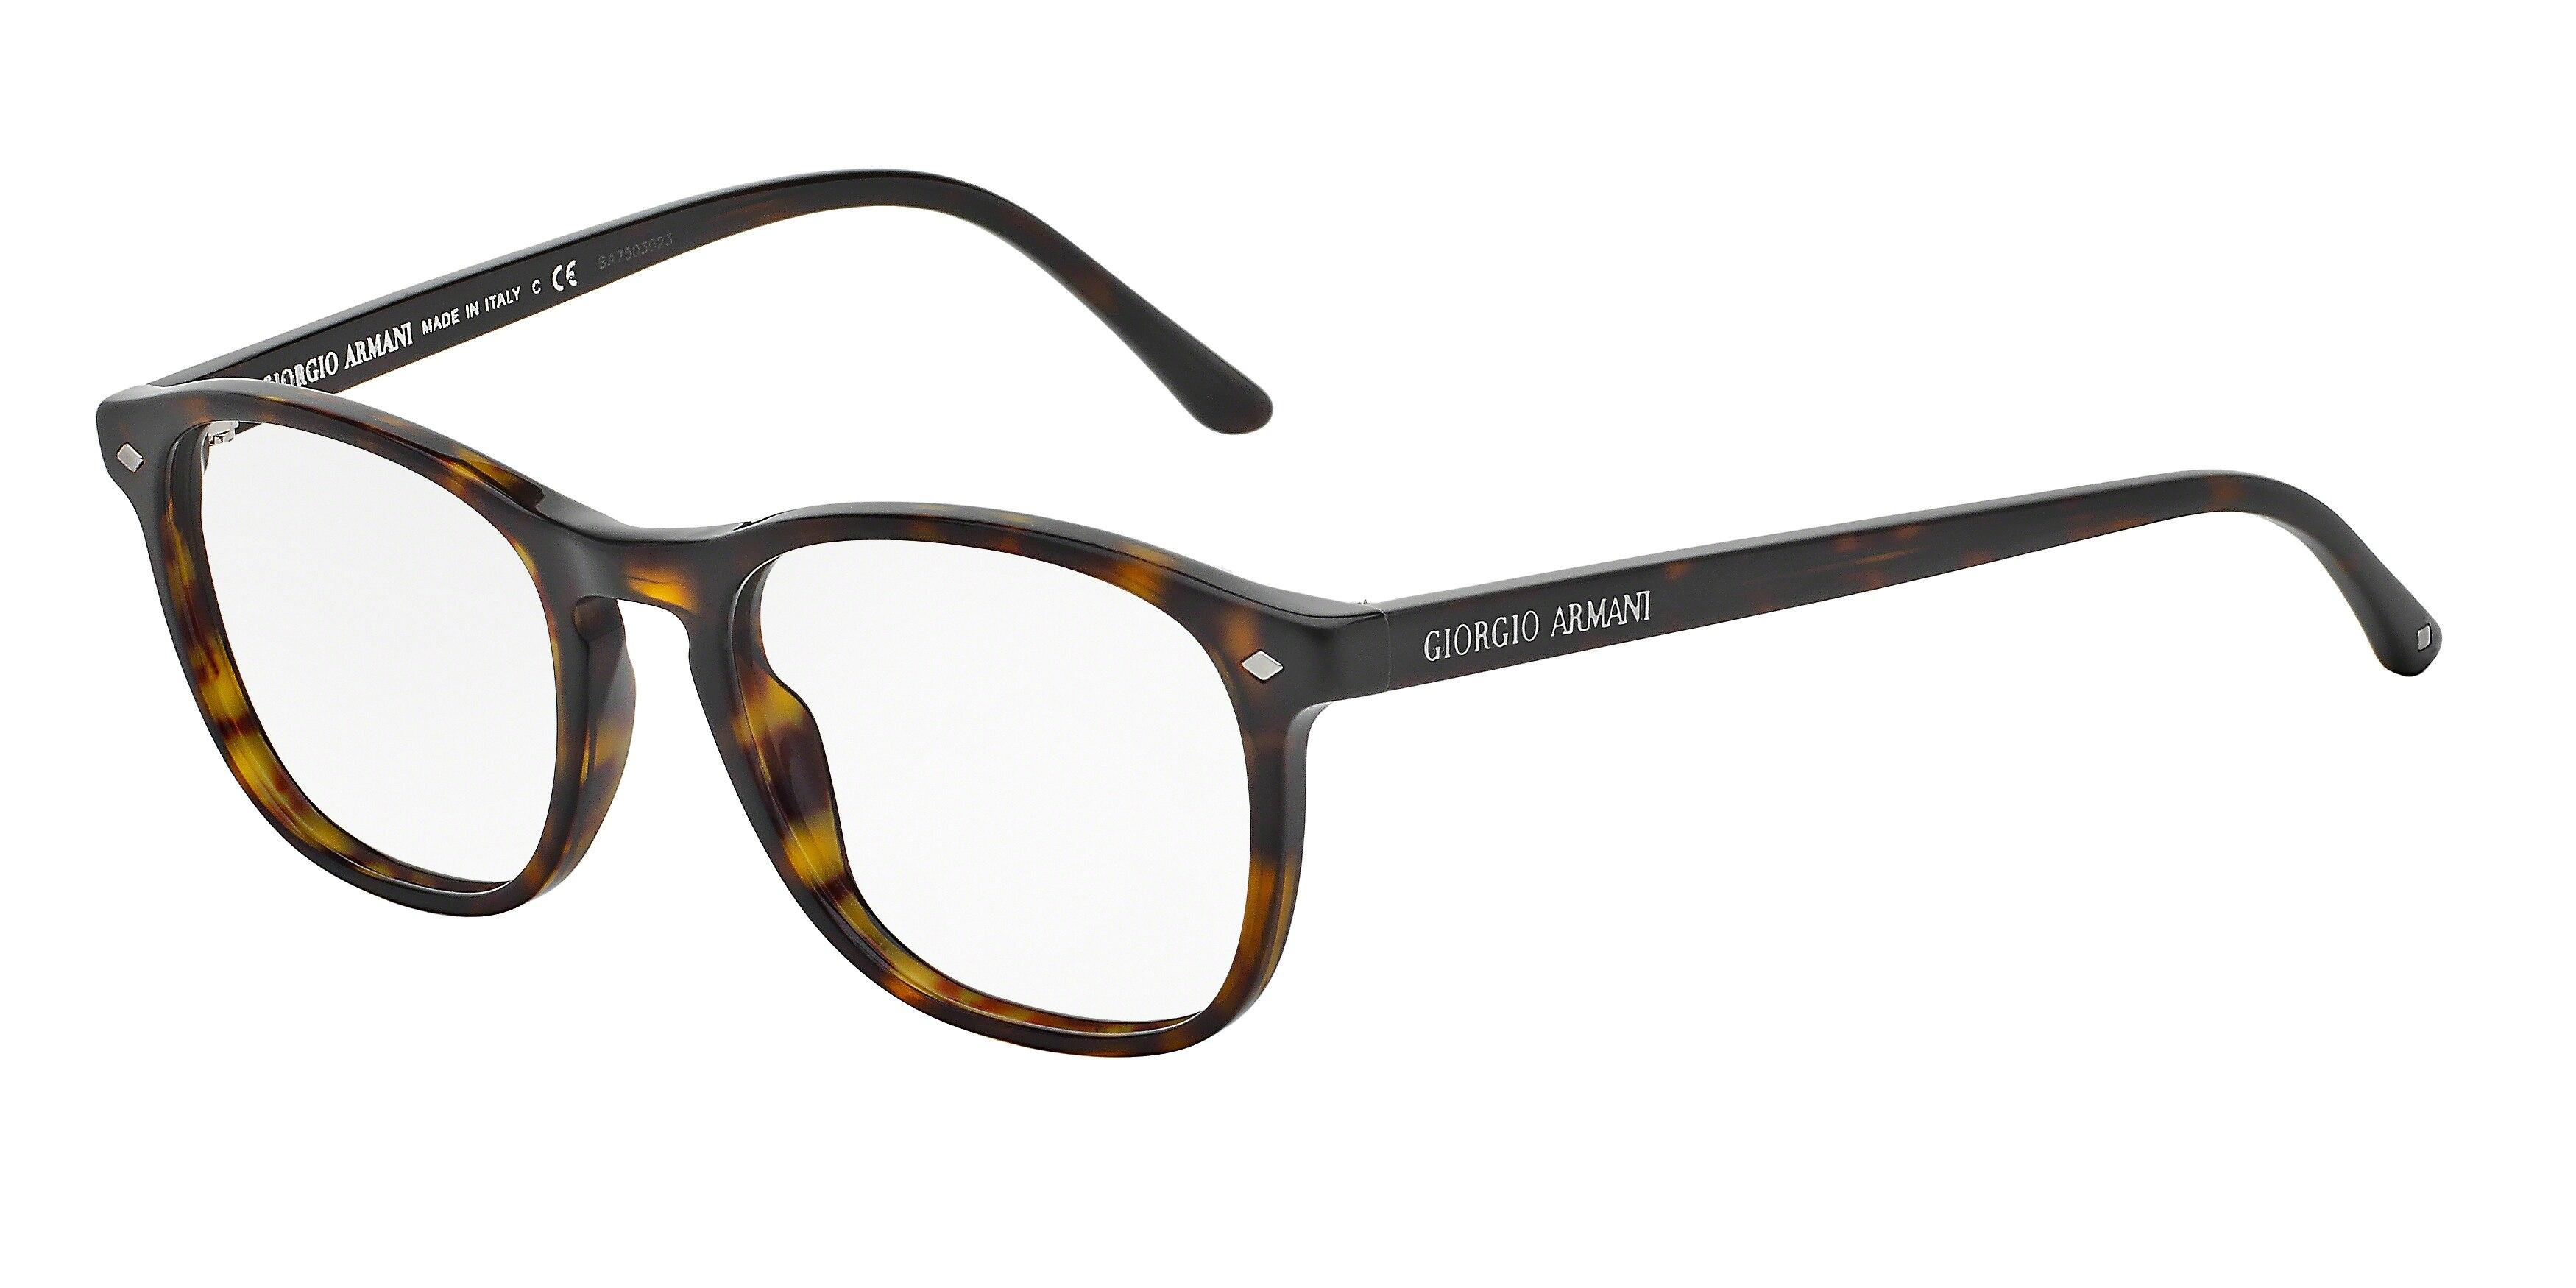 Giorgio Armani AR7003 5002